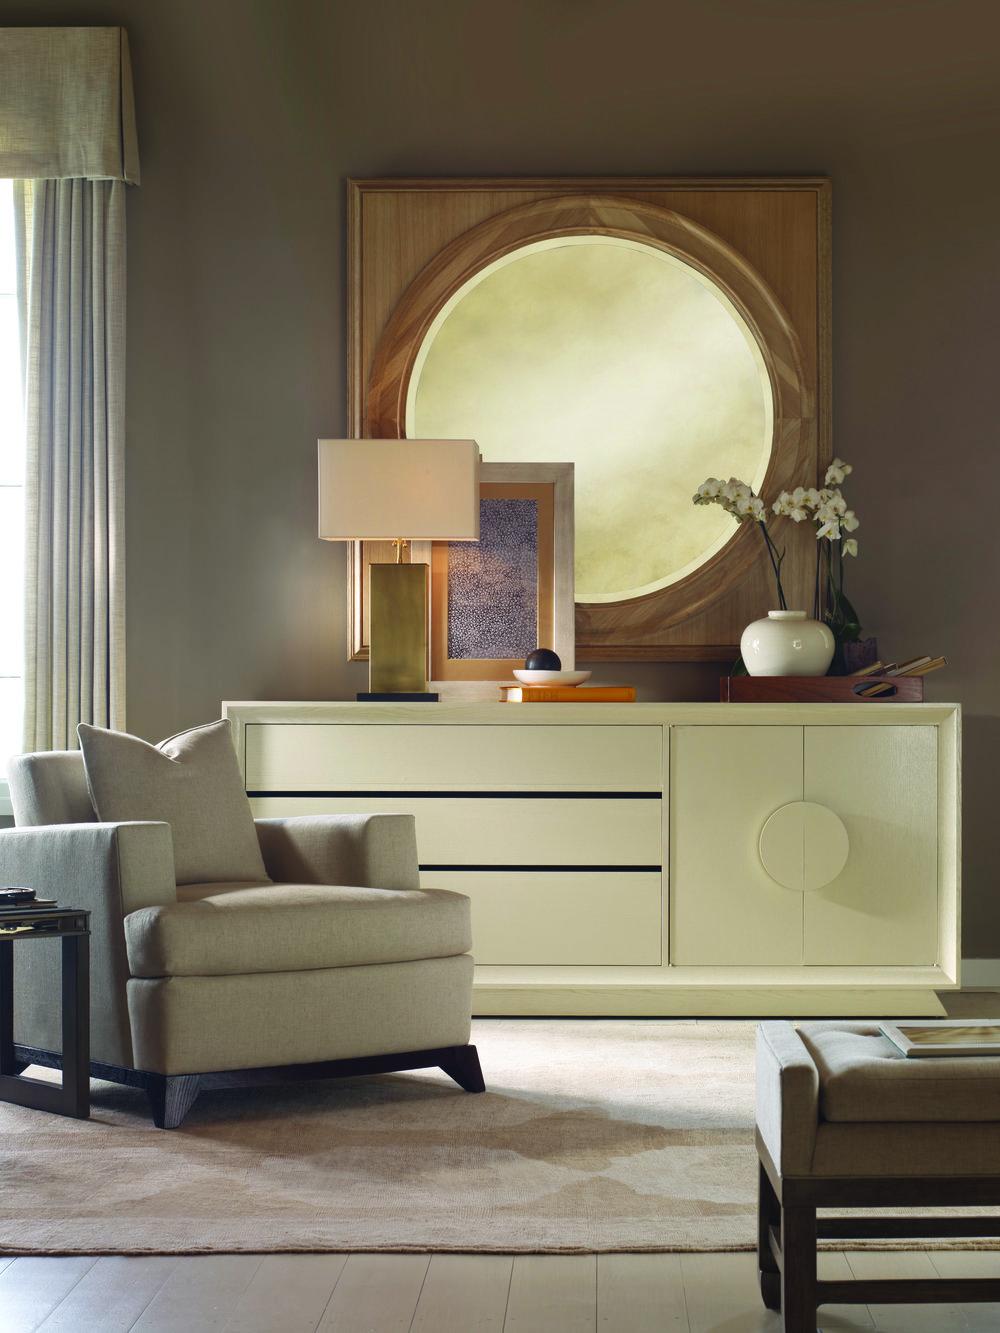 Bernhardt Furniture Salon Mirror, Price Upon Request At Paramount Furniture, (604) 273-0155 paramountfurniture.ca